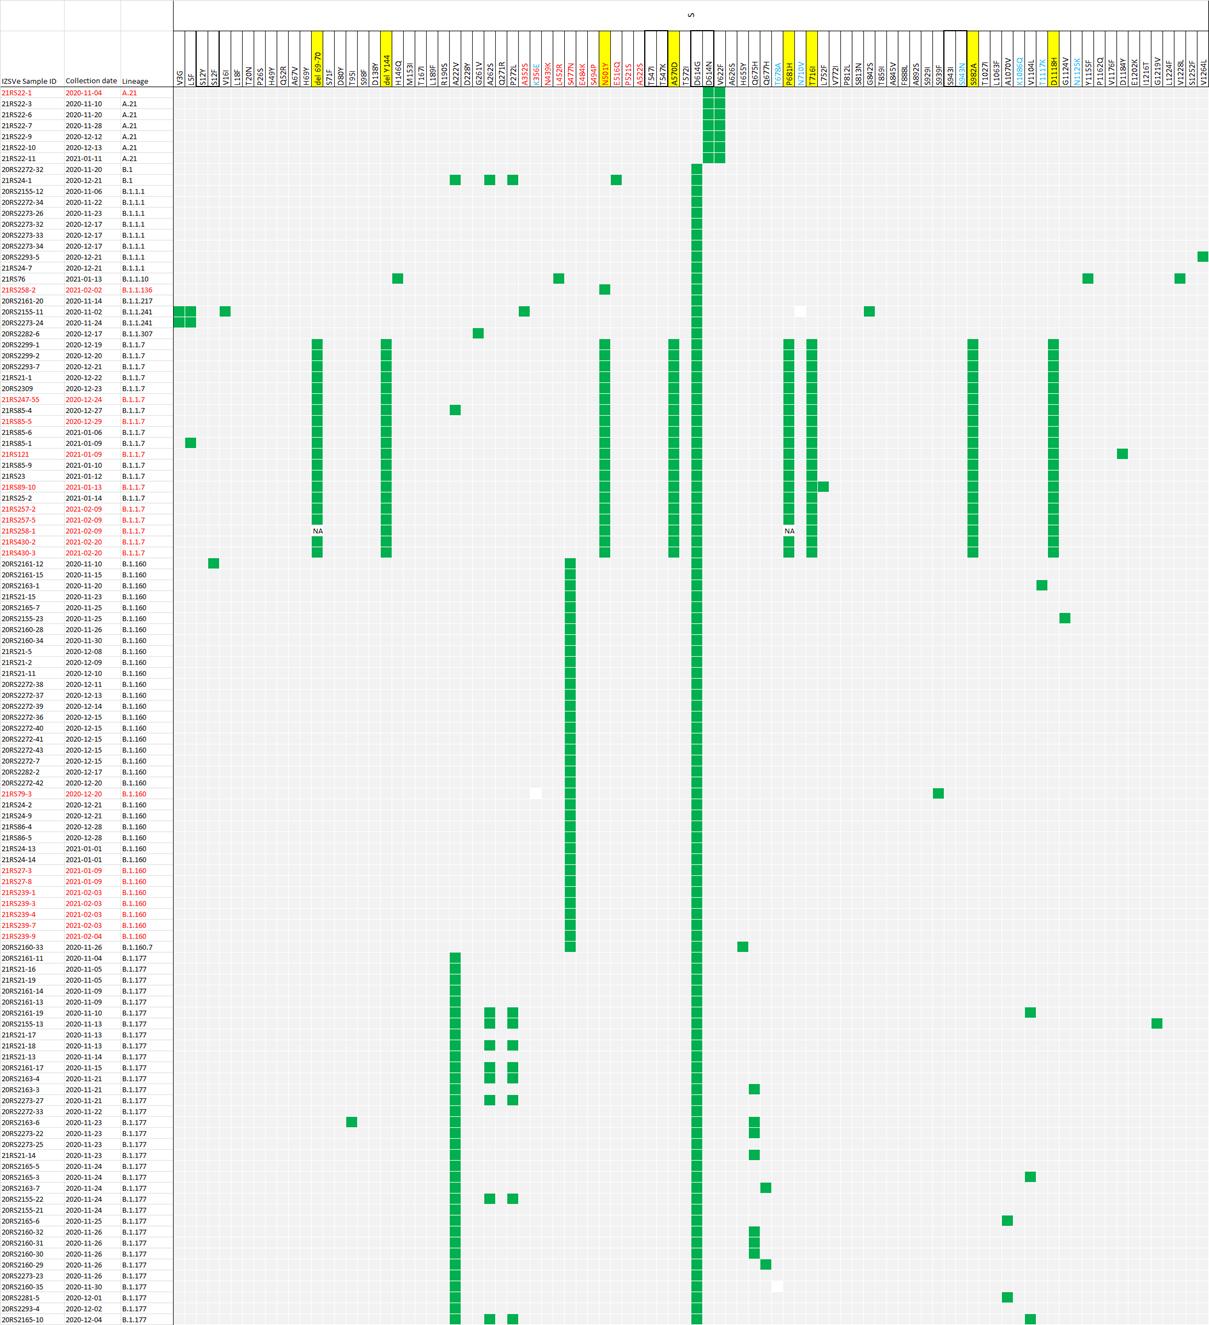 Figura 4. Heatmap delle varianti amminoacidiche identificate nella proteina Spike dei campioni analizzati da Novembre 2020